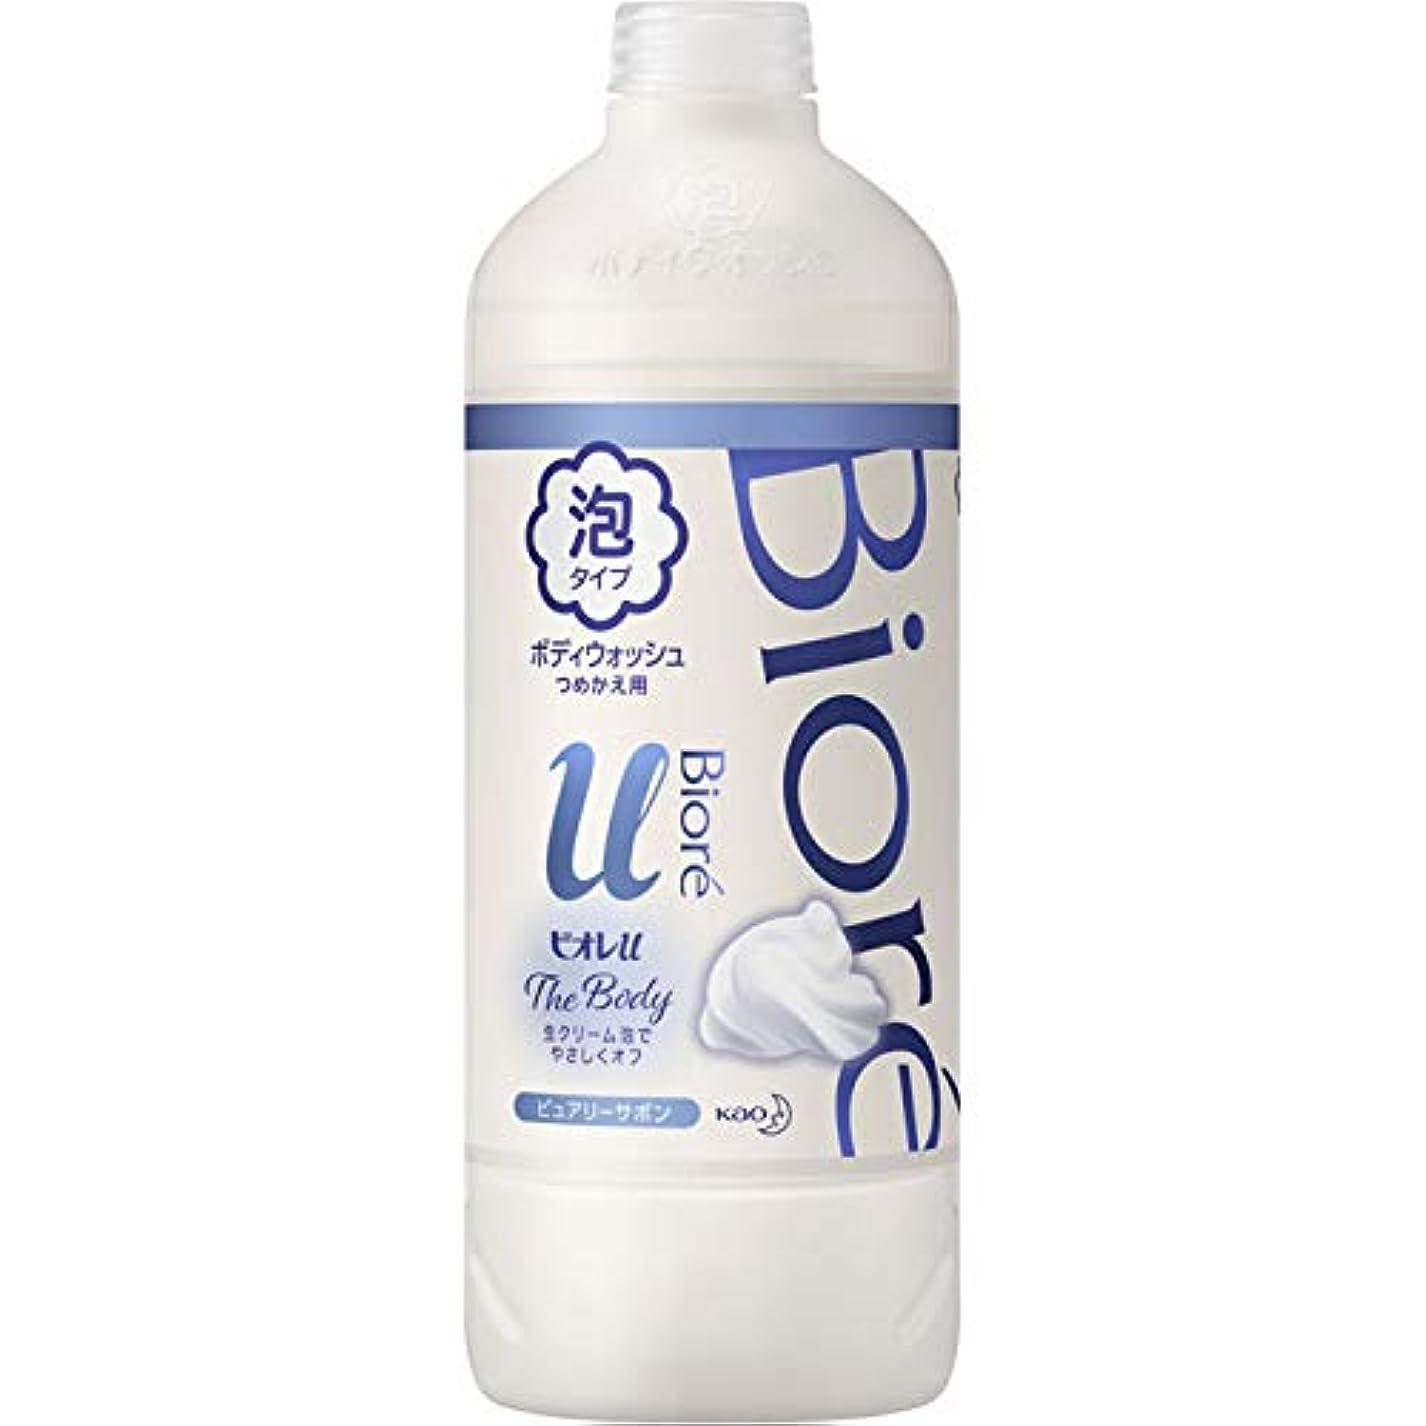 ライム無雰囲気花王 ビオレu ザ ボディ泡ピュアリーサボンの香り 詰替え用 450ml